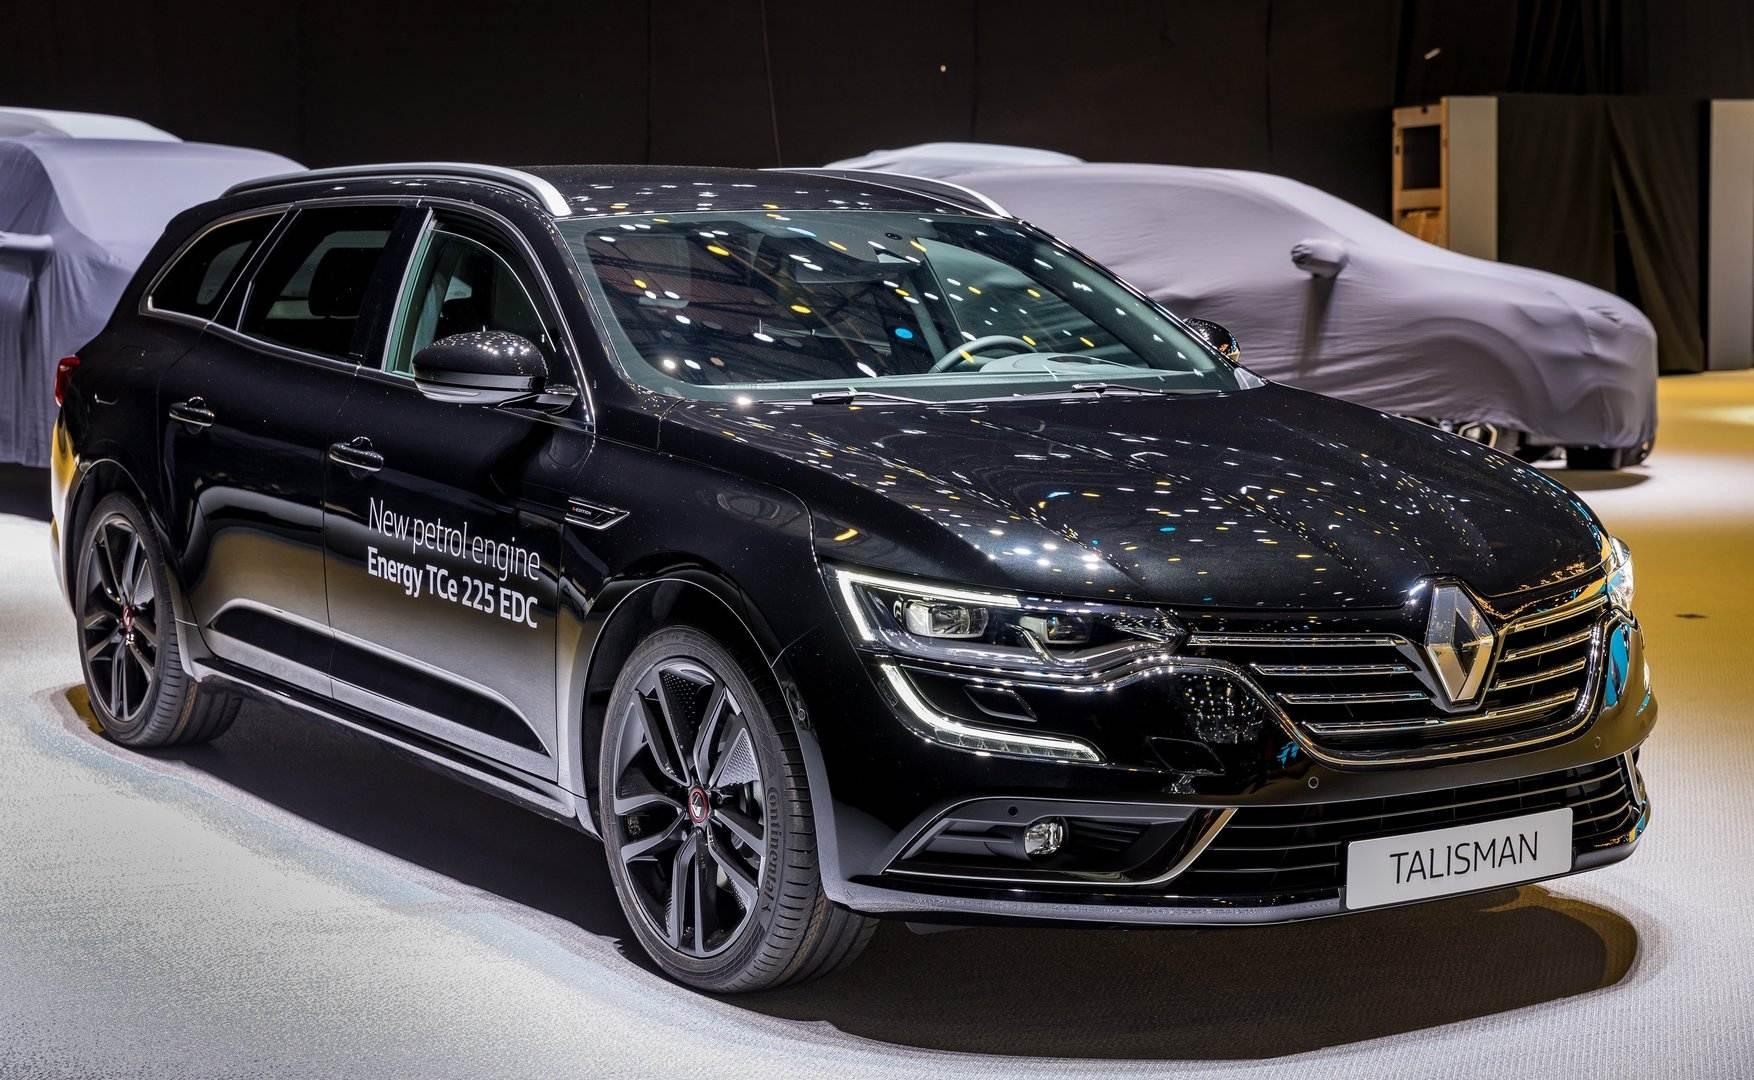 Renault completa la gama del Talisman por arriba con la nueva versión S-Edition